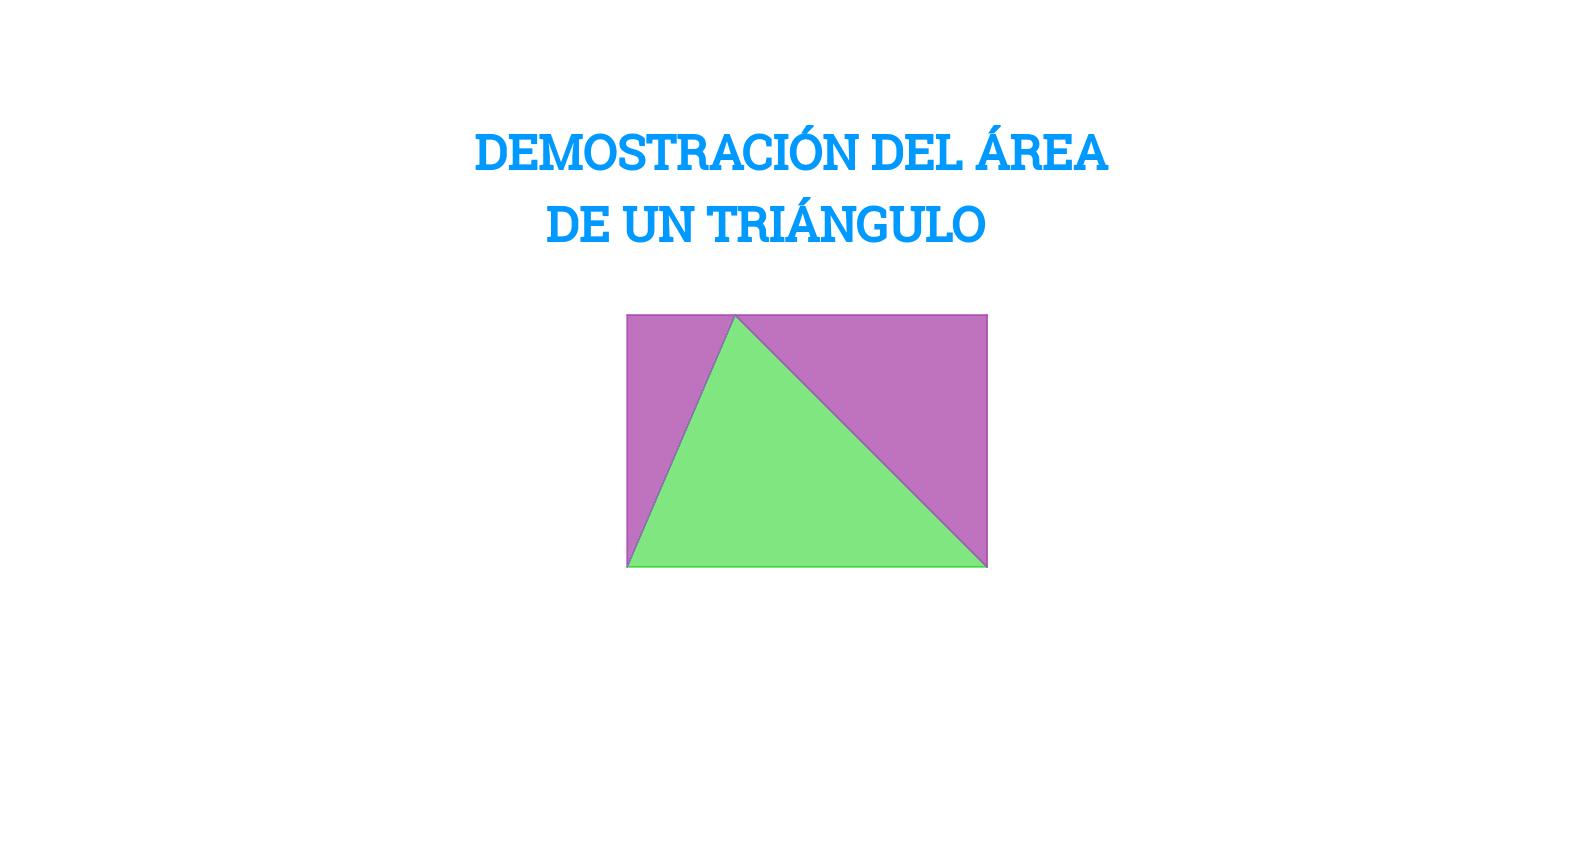 DEMOSTRACIÓN DEL ÁREA DE UN TRIÁNGULO